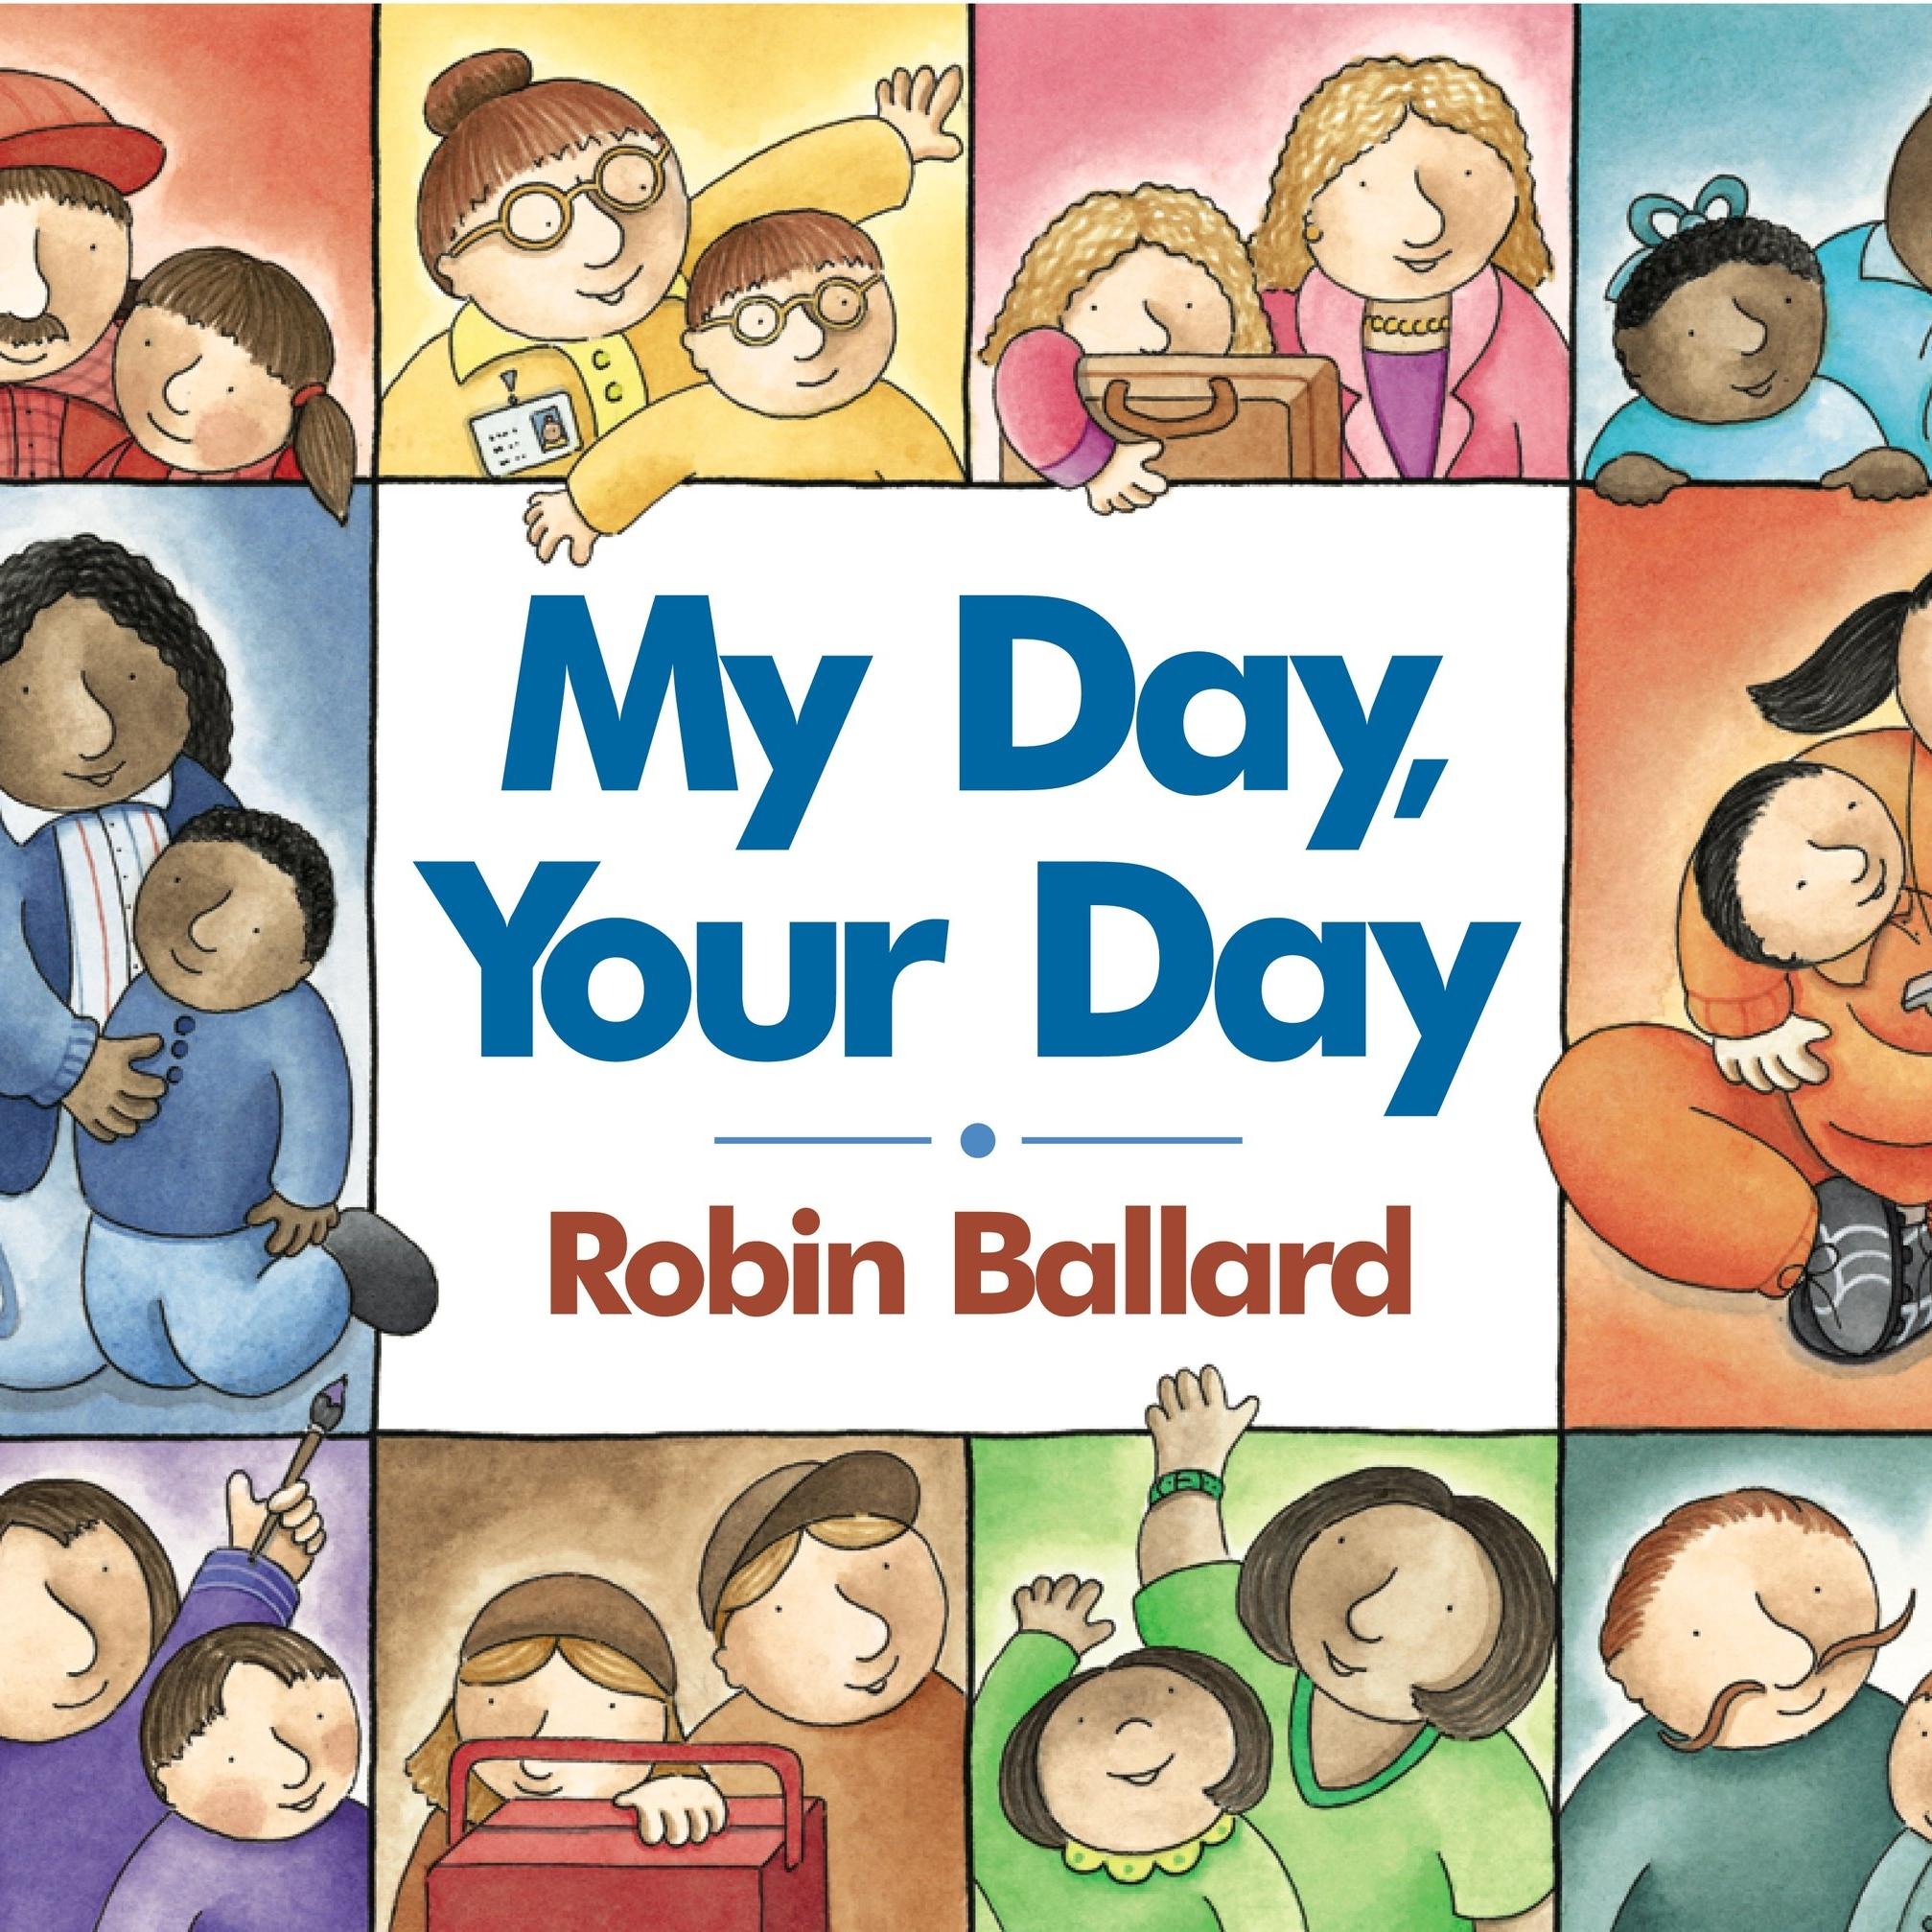 Robin Ballard